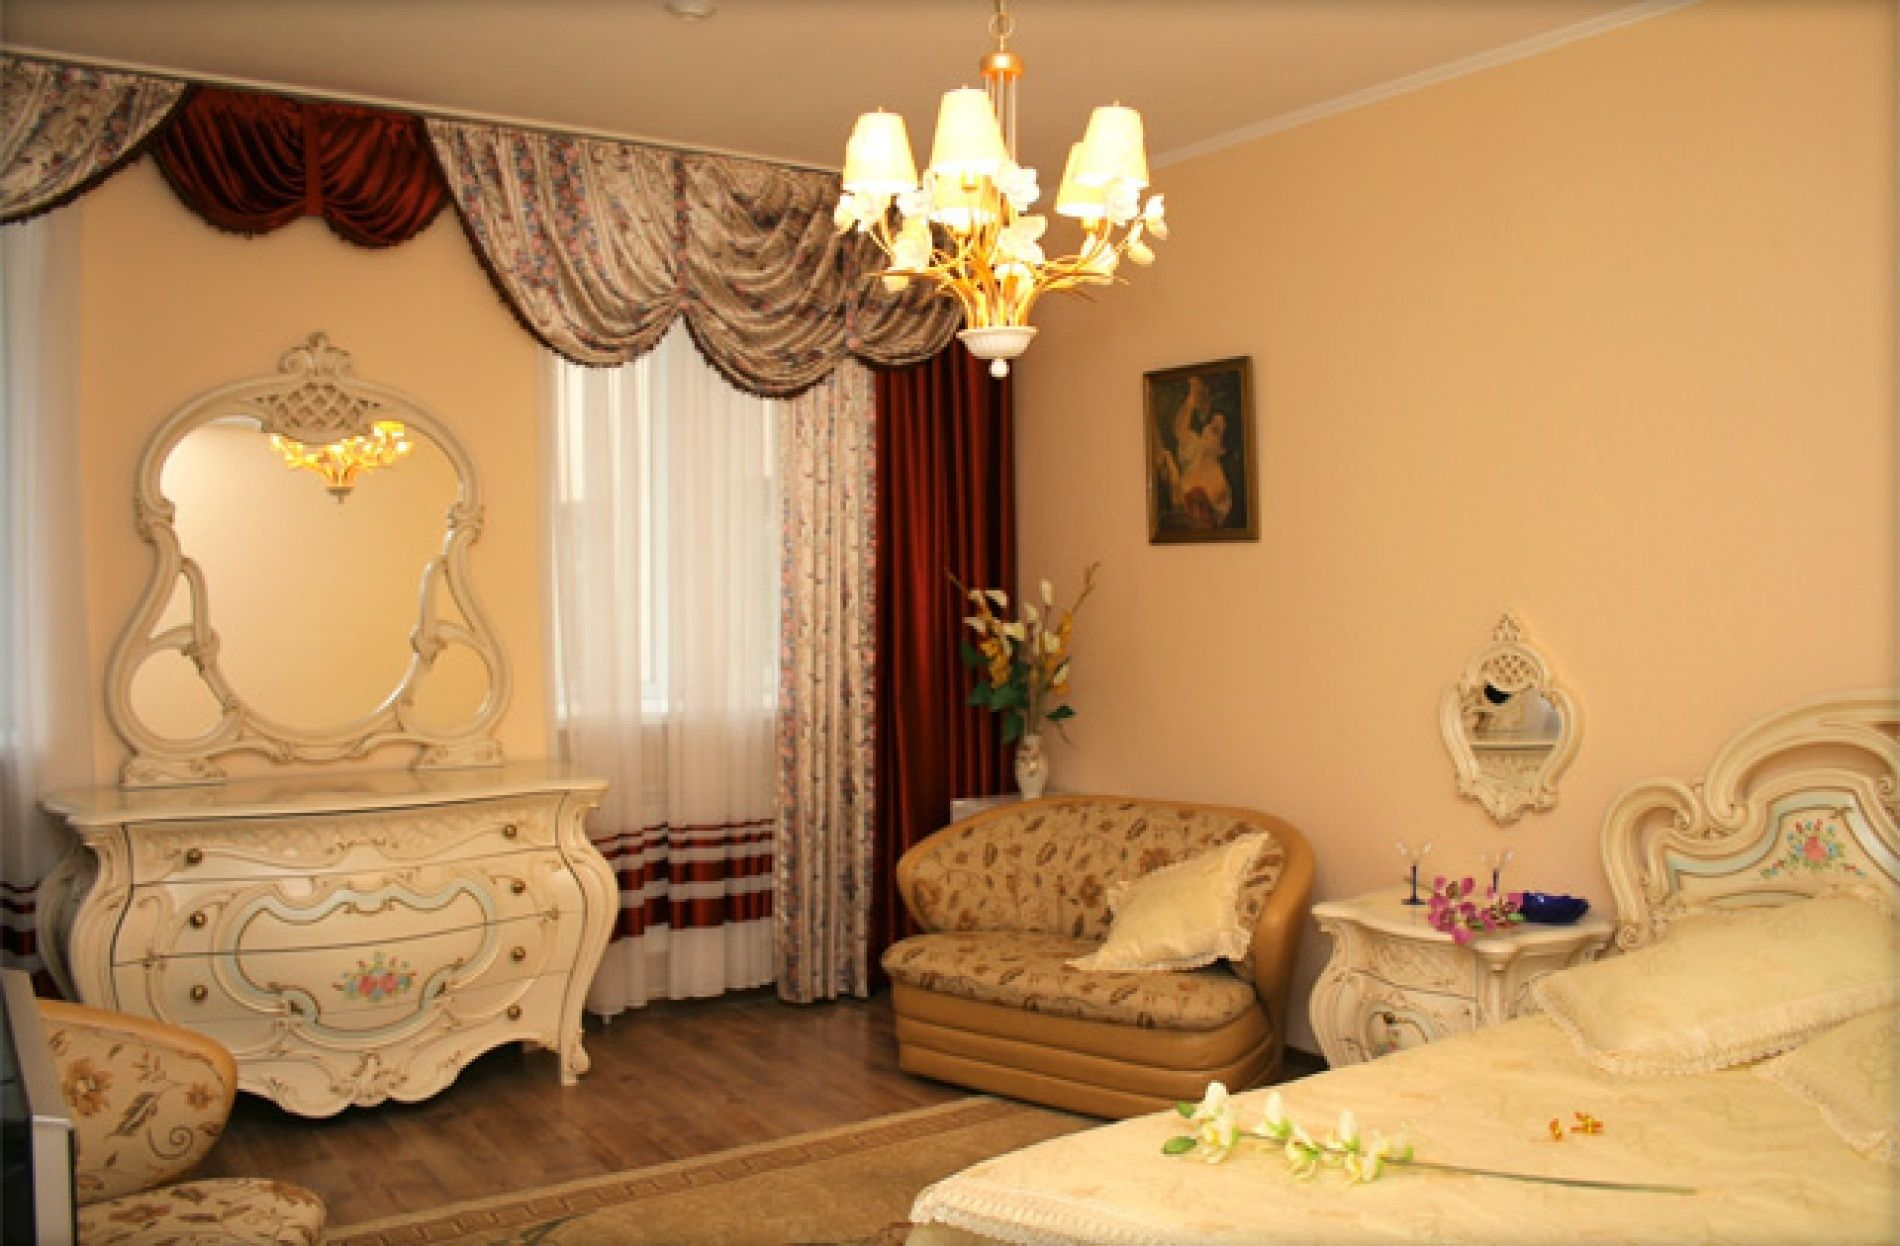 """Гостиница """"Family hotel"""" Курганская область, фото 8"""